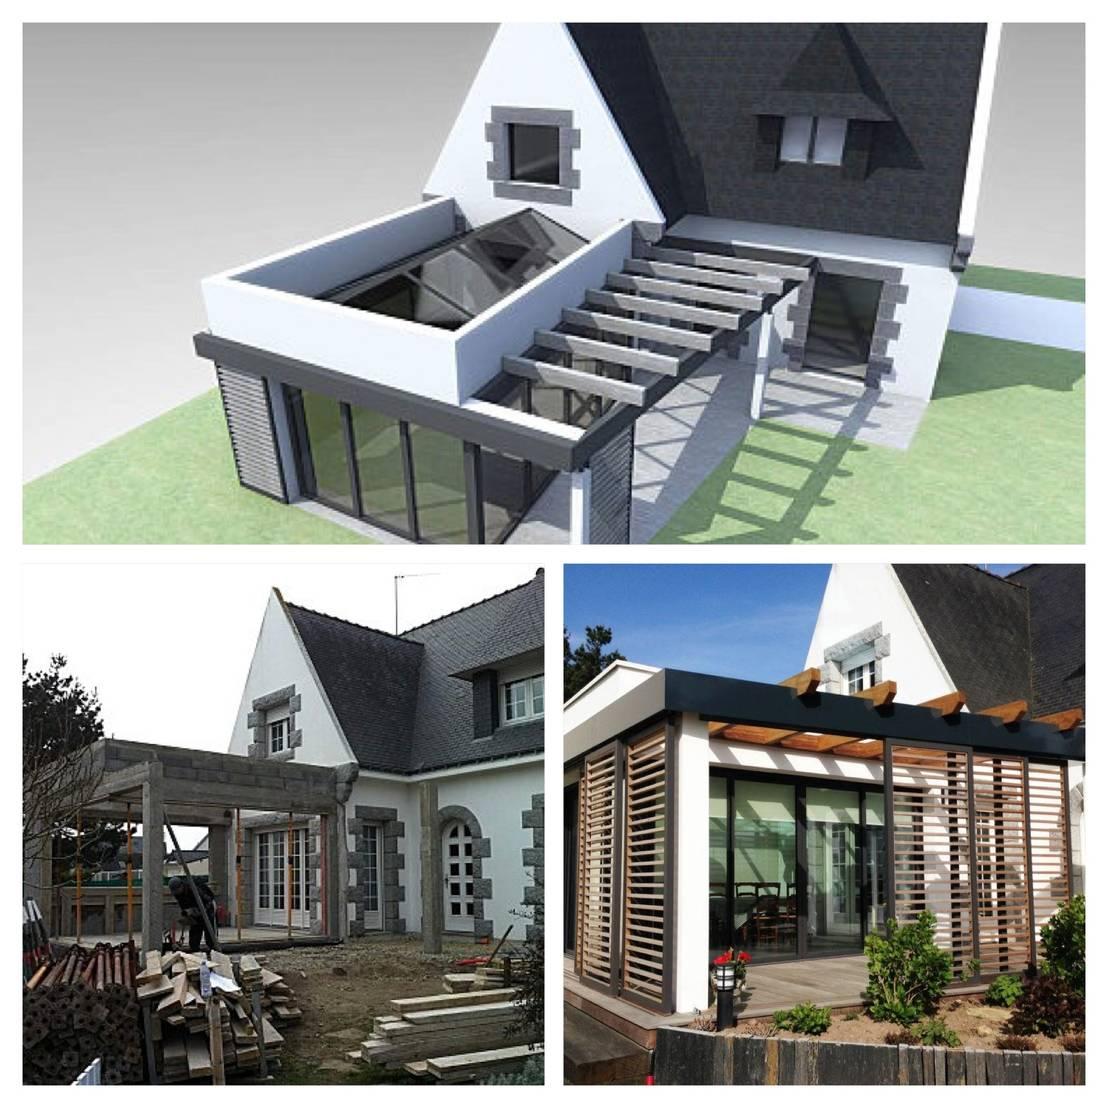 travaux de renovation avant apres par bcm homify. Black Bedroom Furniture Sets. Home Design Ideas